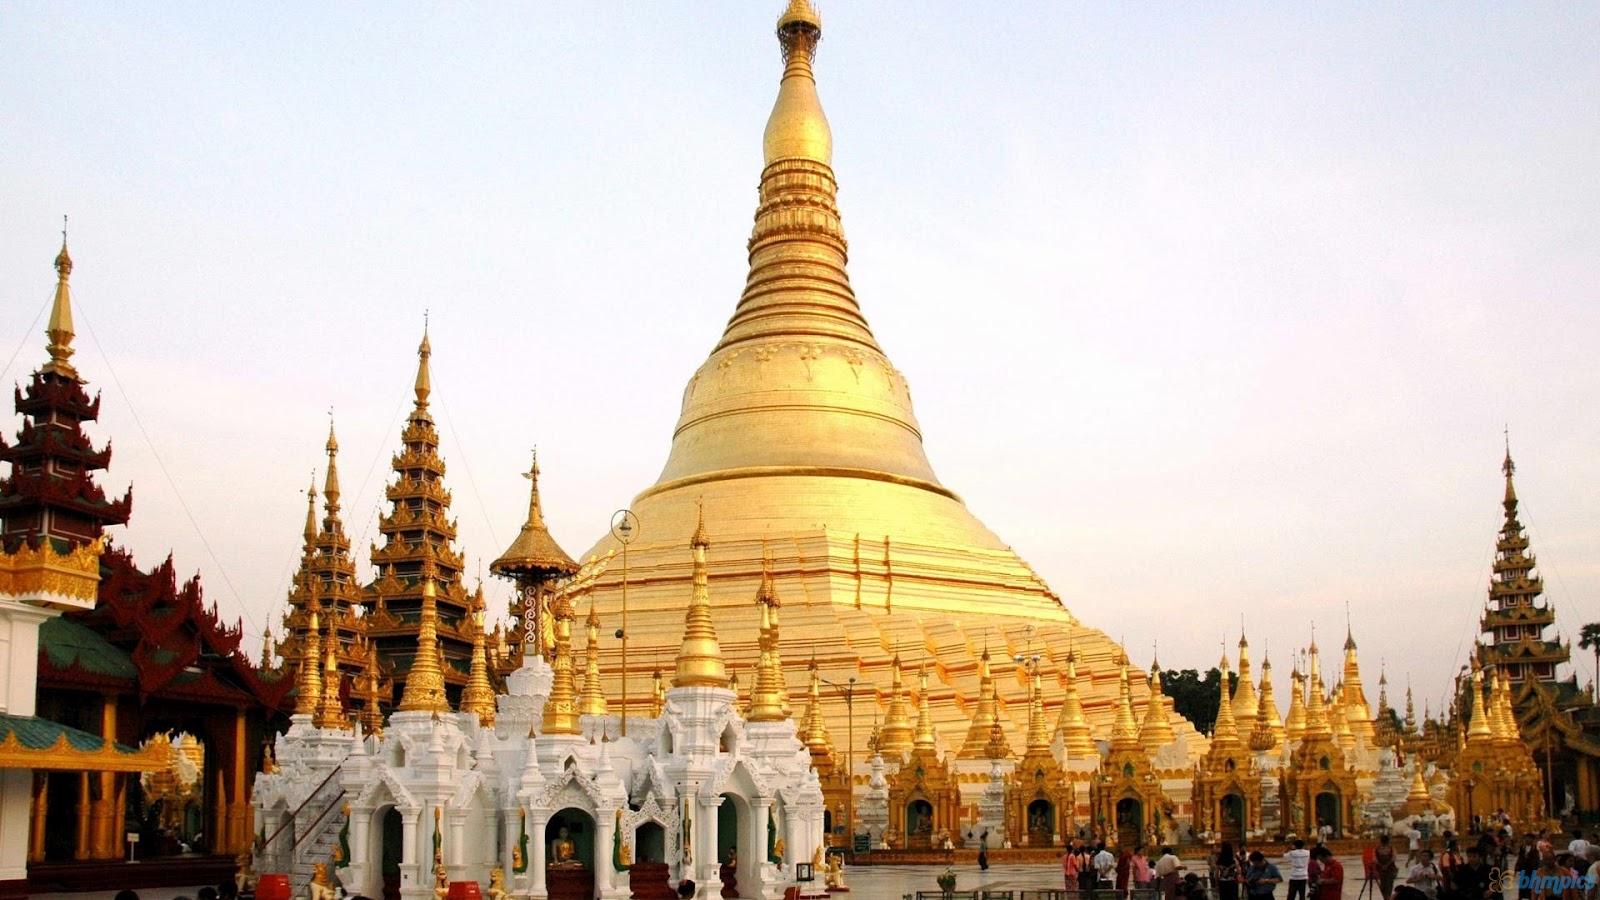 http://2.bp.blogspot.com/-pFIatKcCjdE/Tz4nRy4gyTI/AAAAAAAABNE/xdcM6naMSlc/s1600/shwedagon_pagoda-1920x1080.jpg